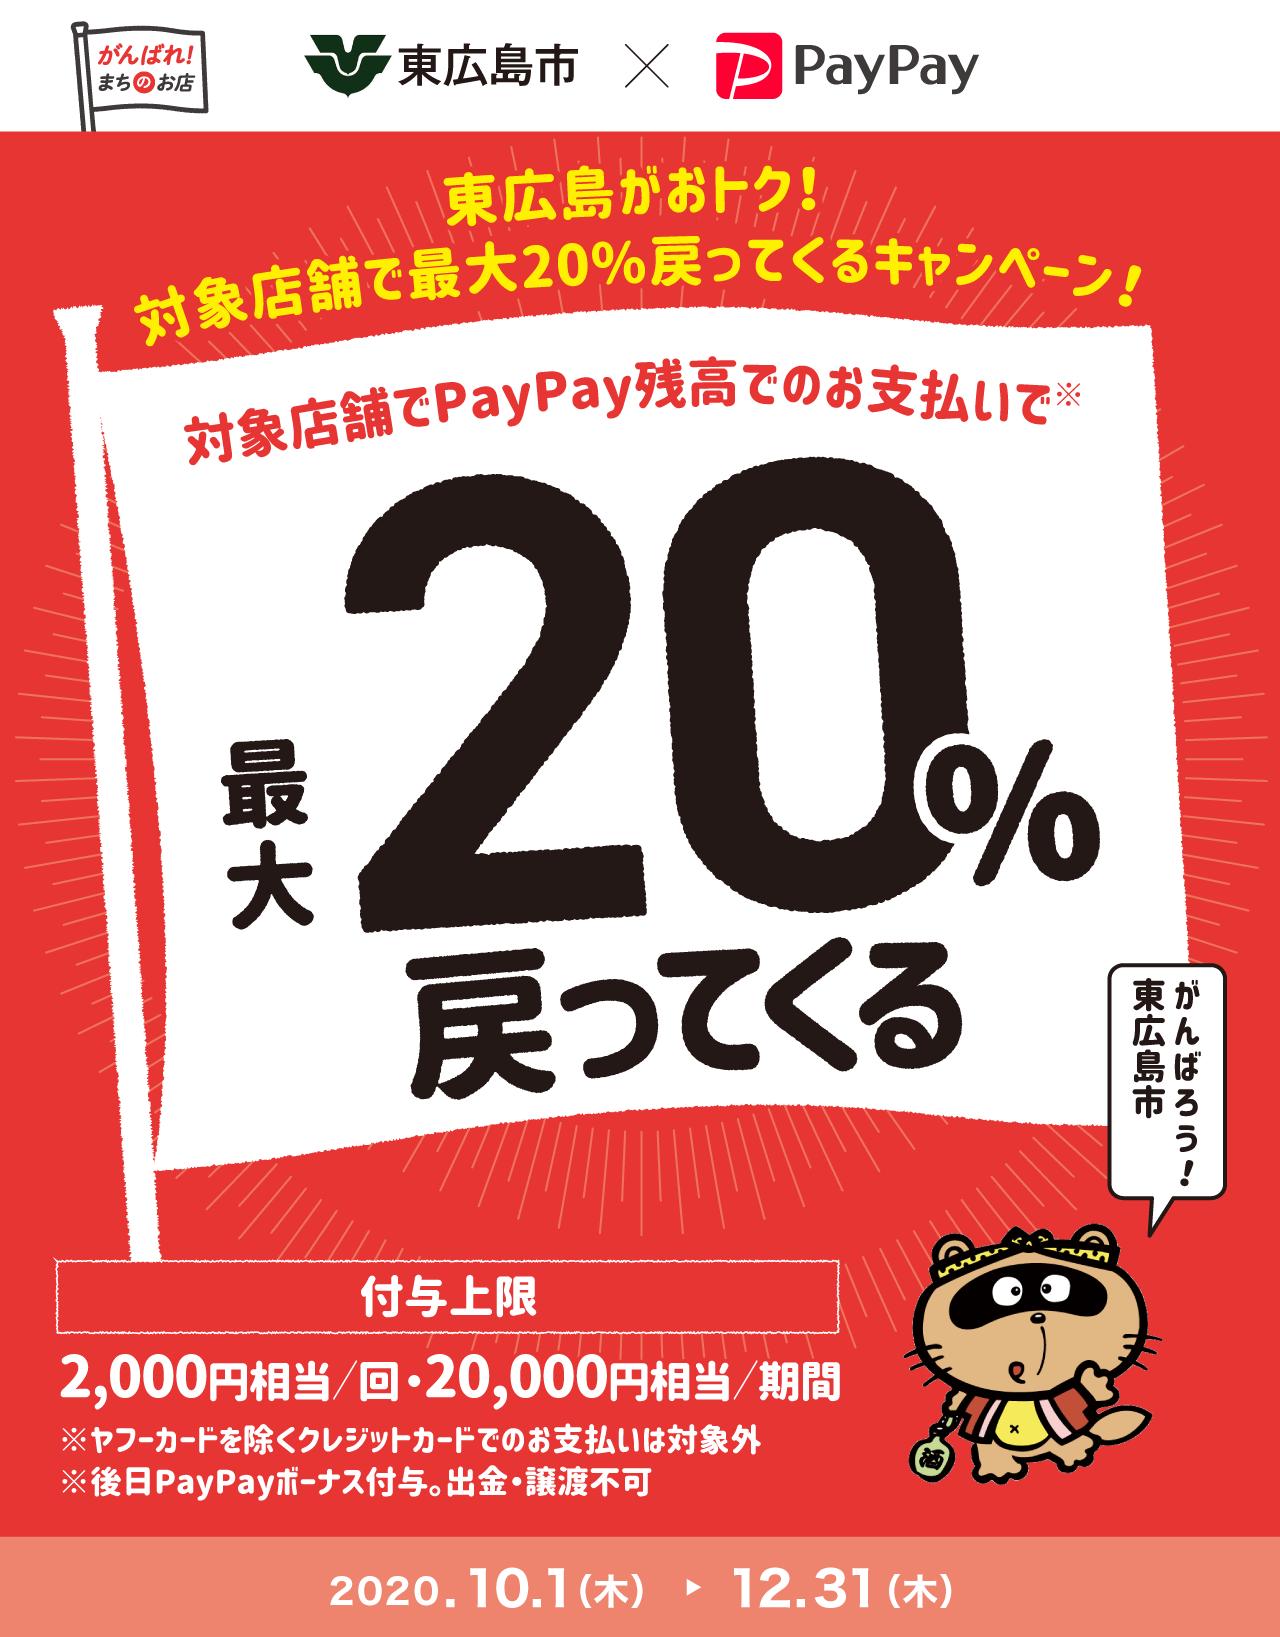 東広島がおトク!対象店舗で最大20%戻ってくるキャンペーン! 対象店舗でPayPay残高でのお支払いで最大20%戻ってくる